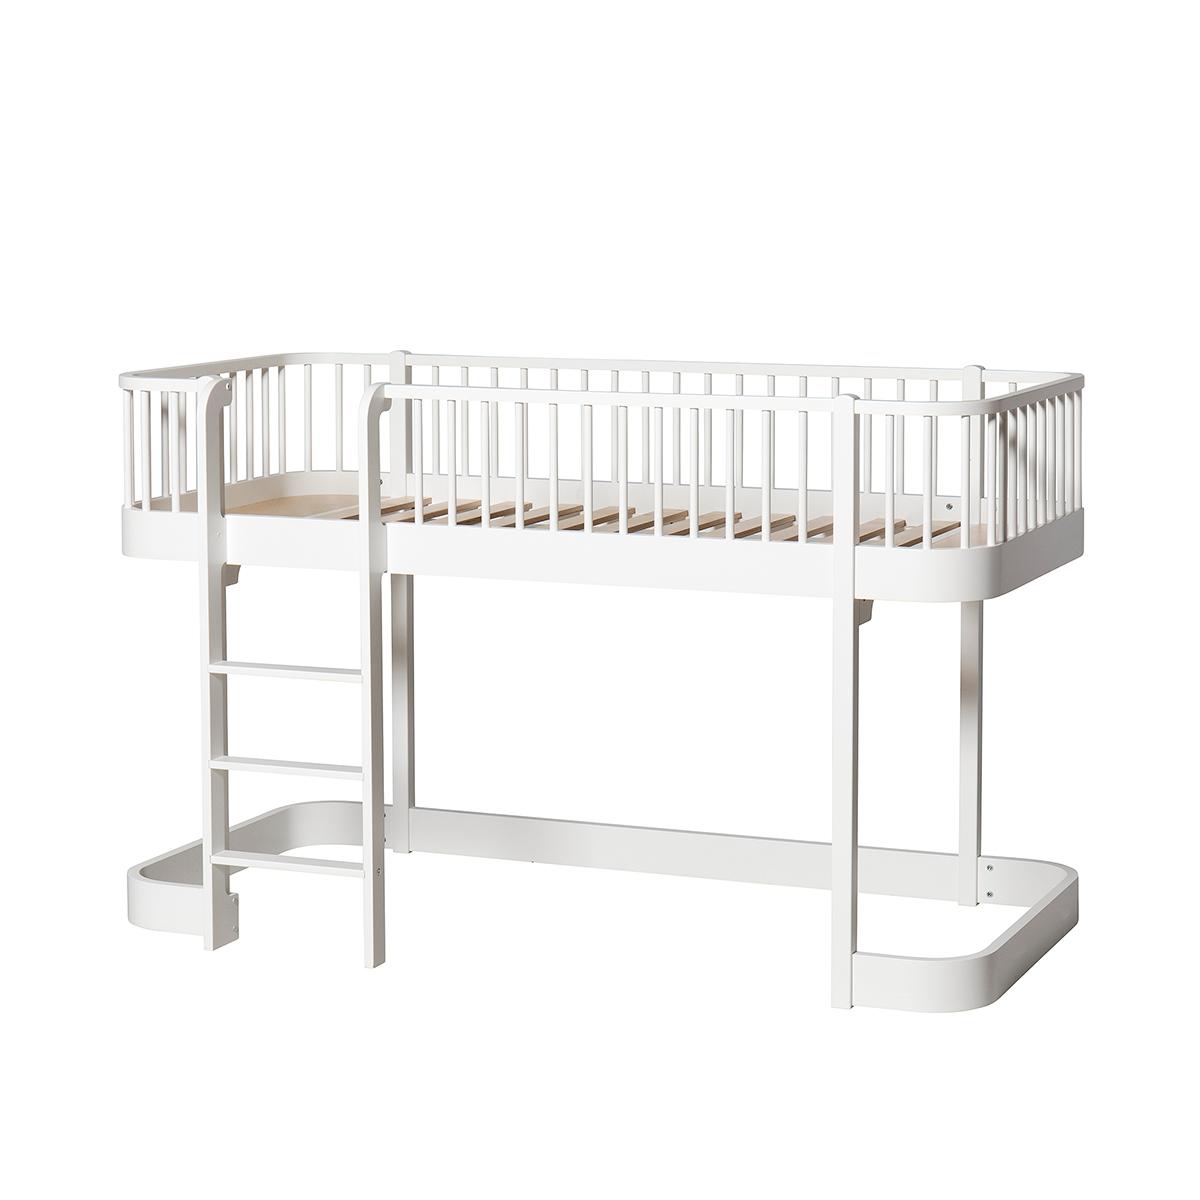 Full Size of Wood Halbhohes Hochbett Bett Wohnzimmer Halbhohes Hochbett